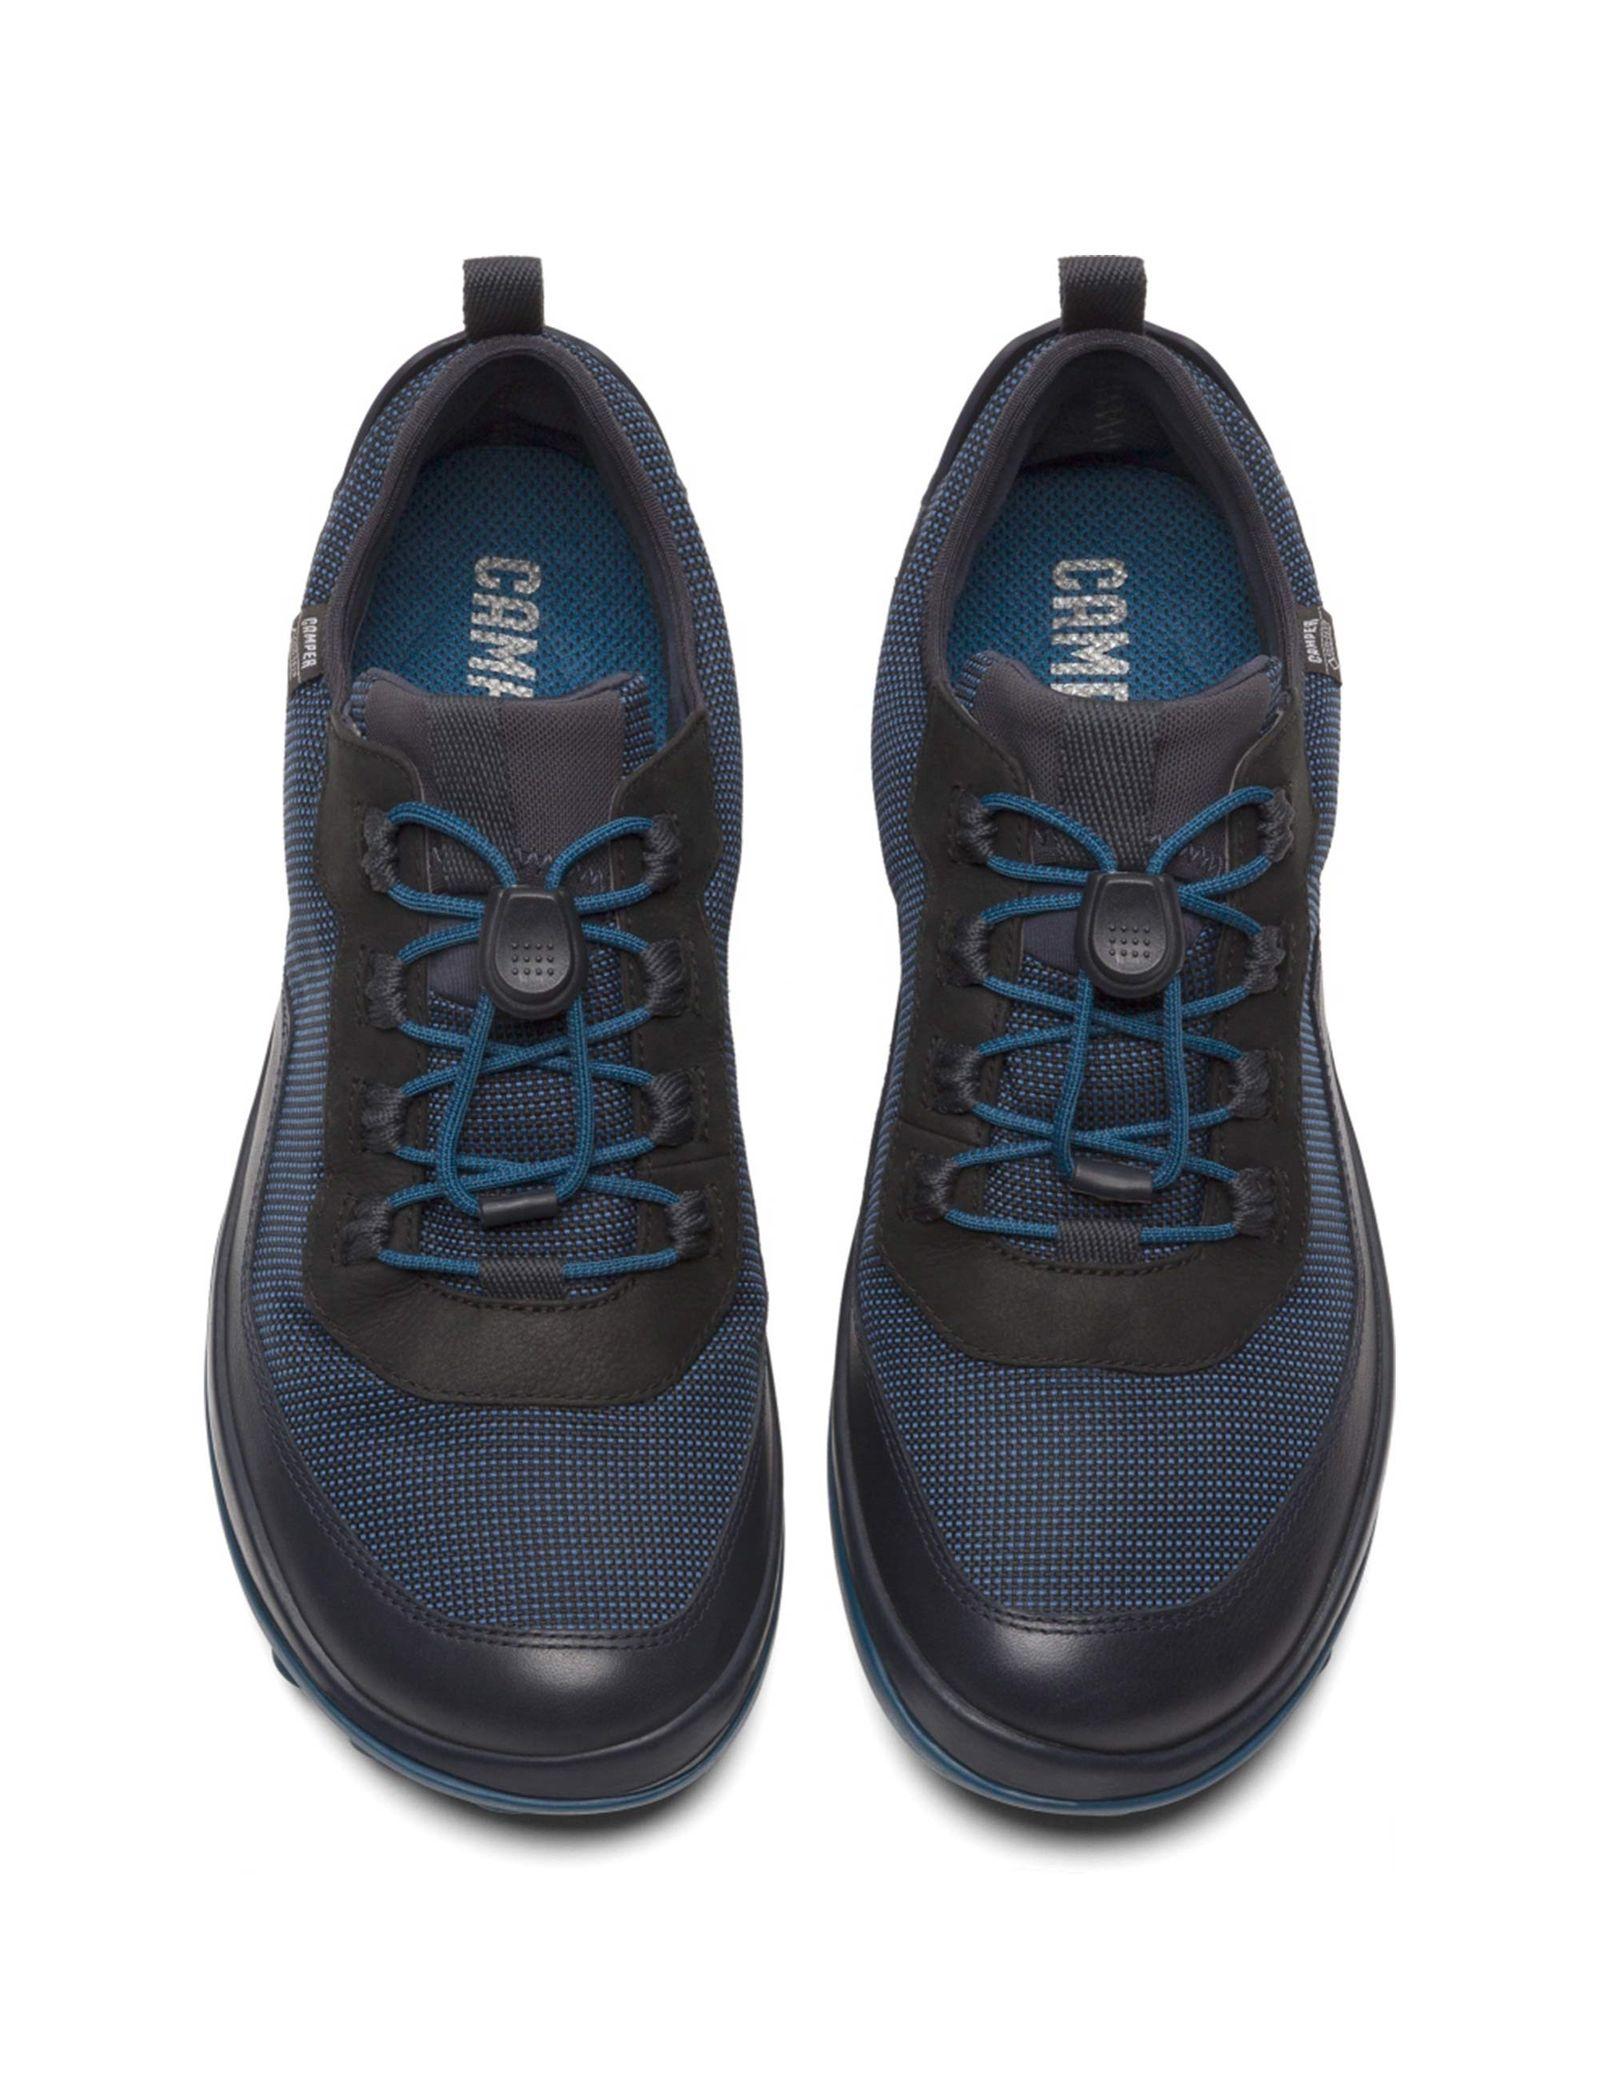 کفش طبیعت گردی بندی مردانه - کمپر - مشکي و سرمه اي - 3